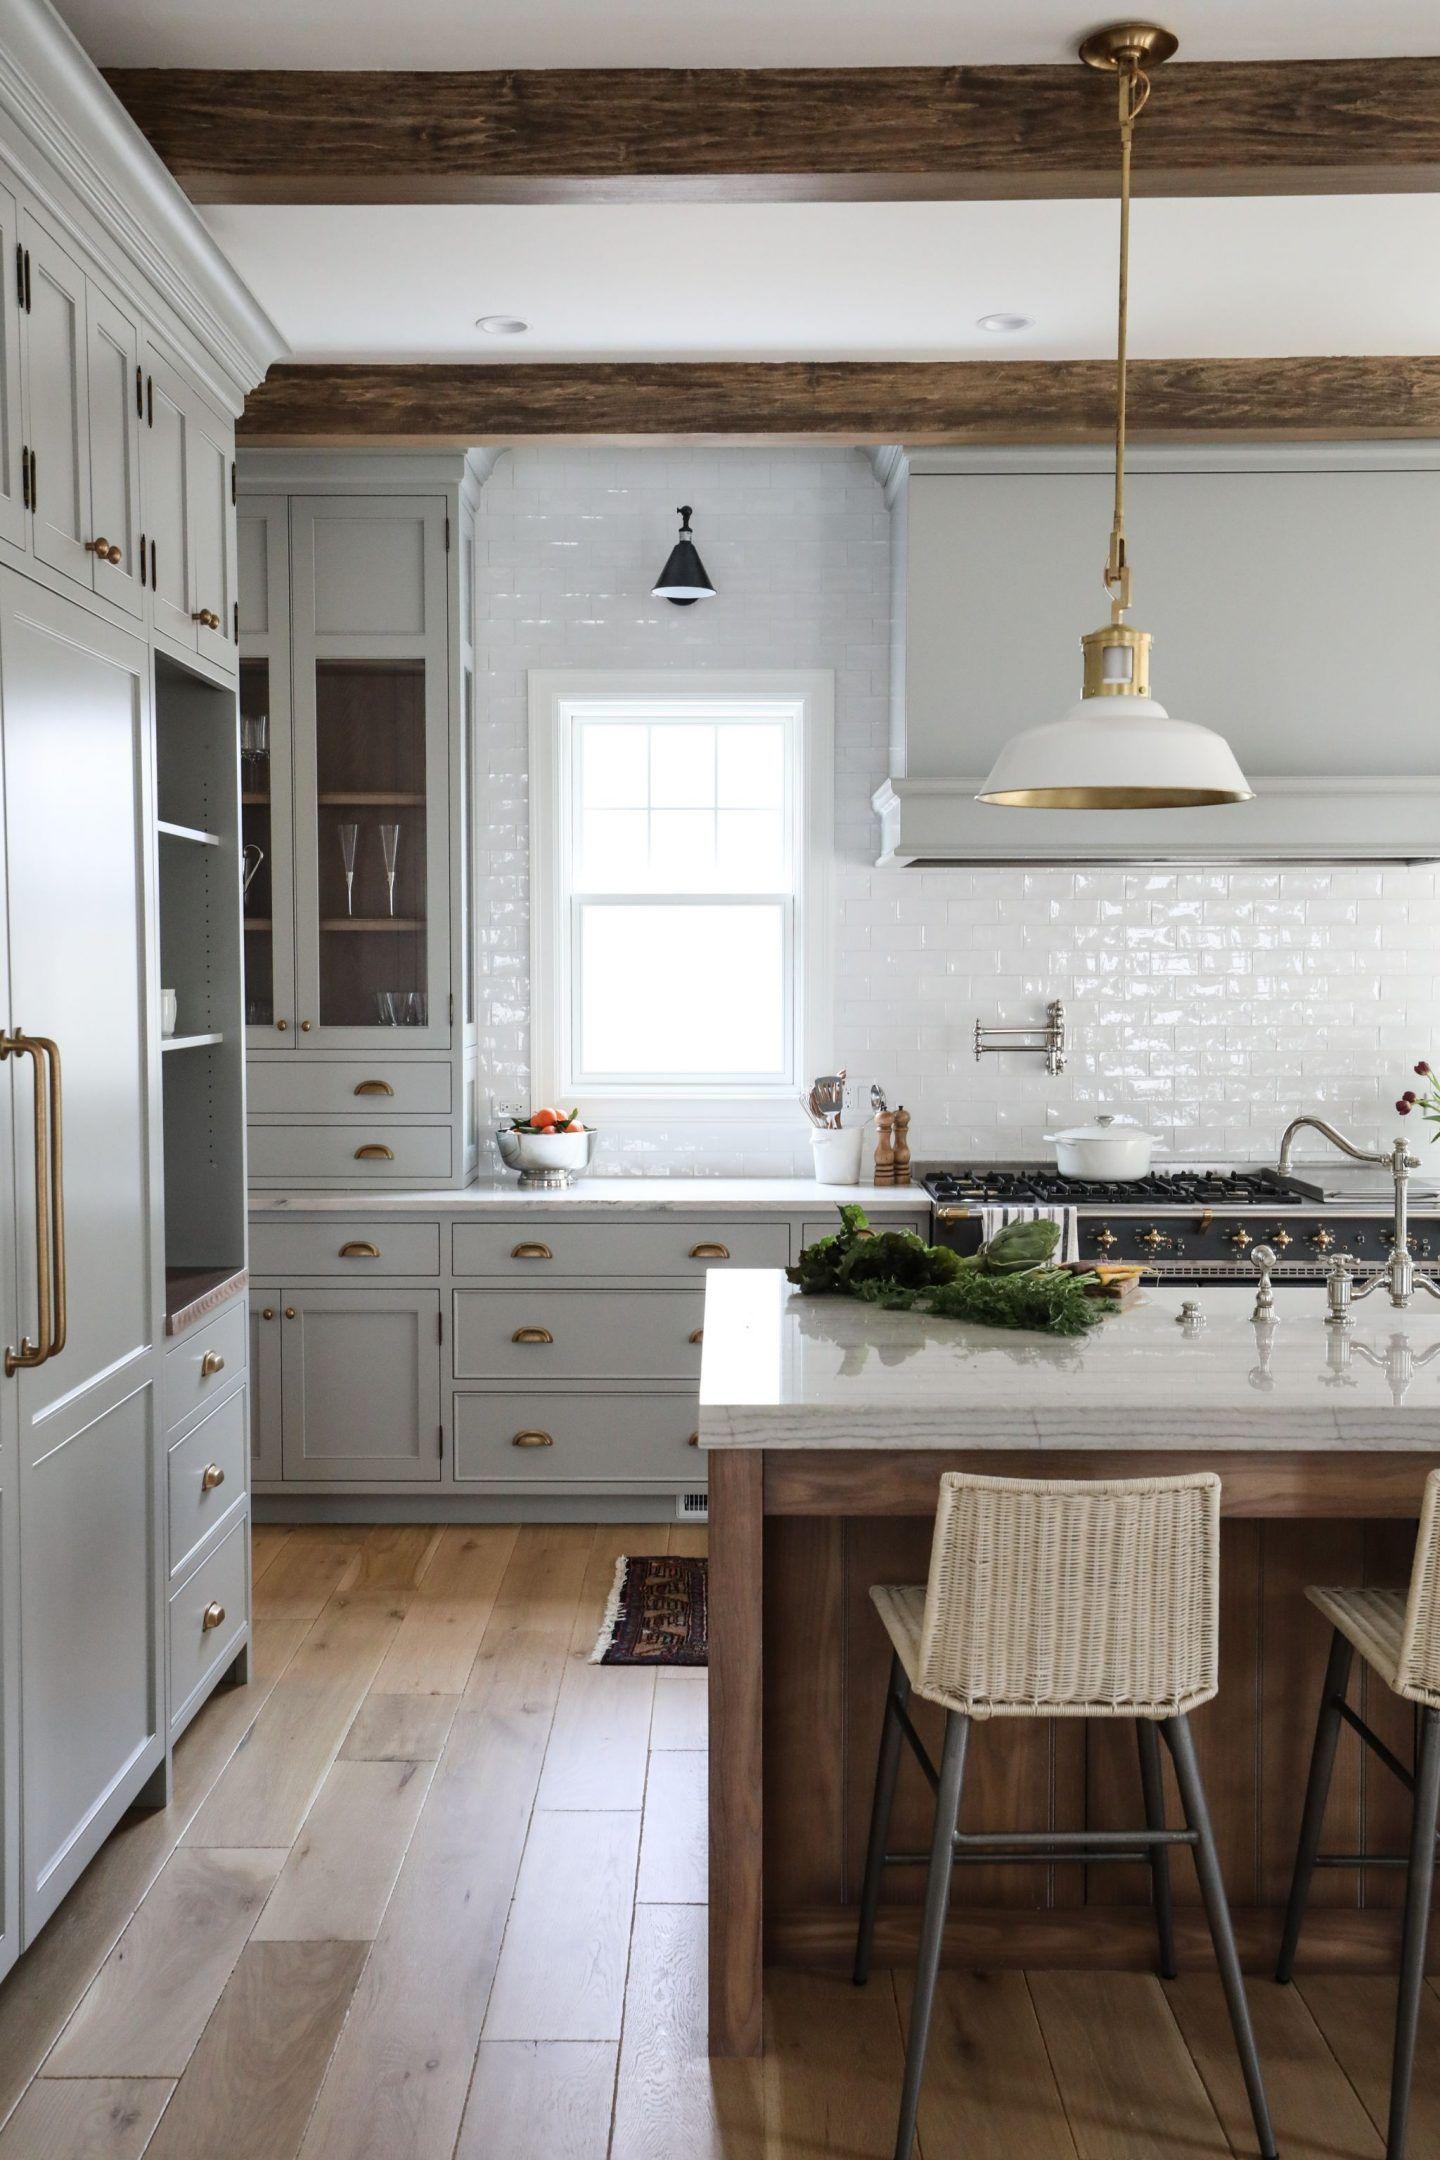 16 Simple Yet Sophisticated Kitchen Design Ideas Kitchen Design